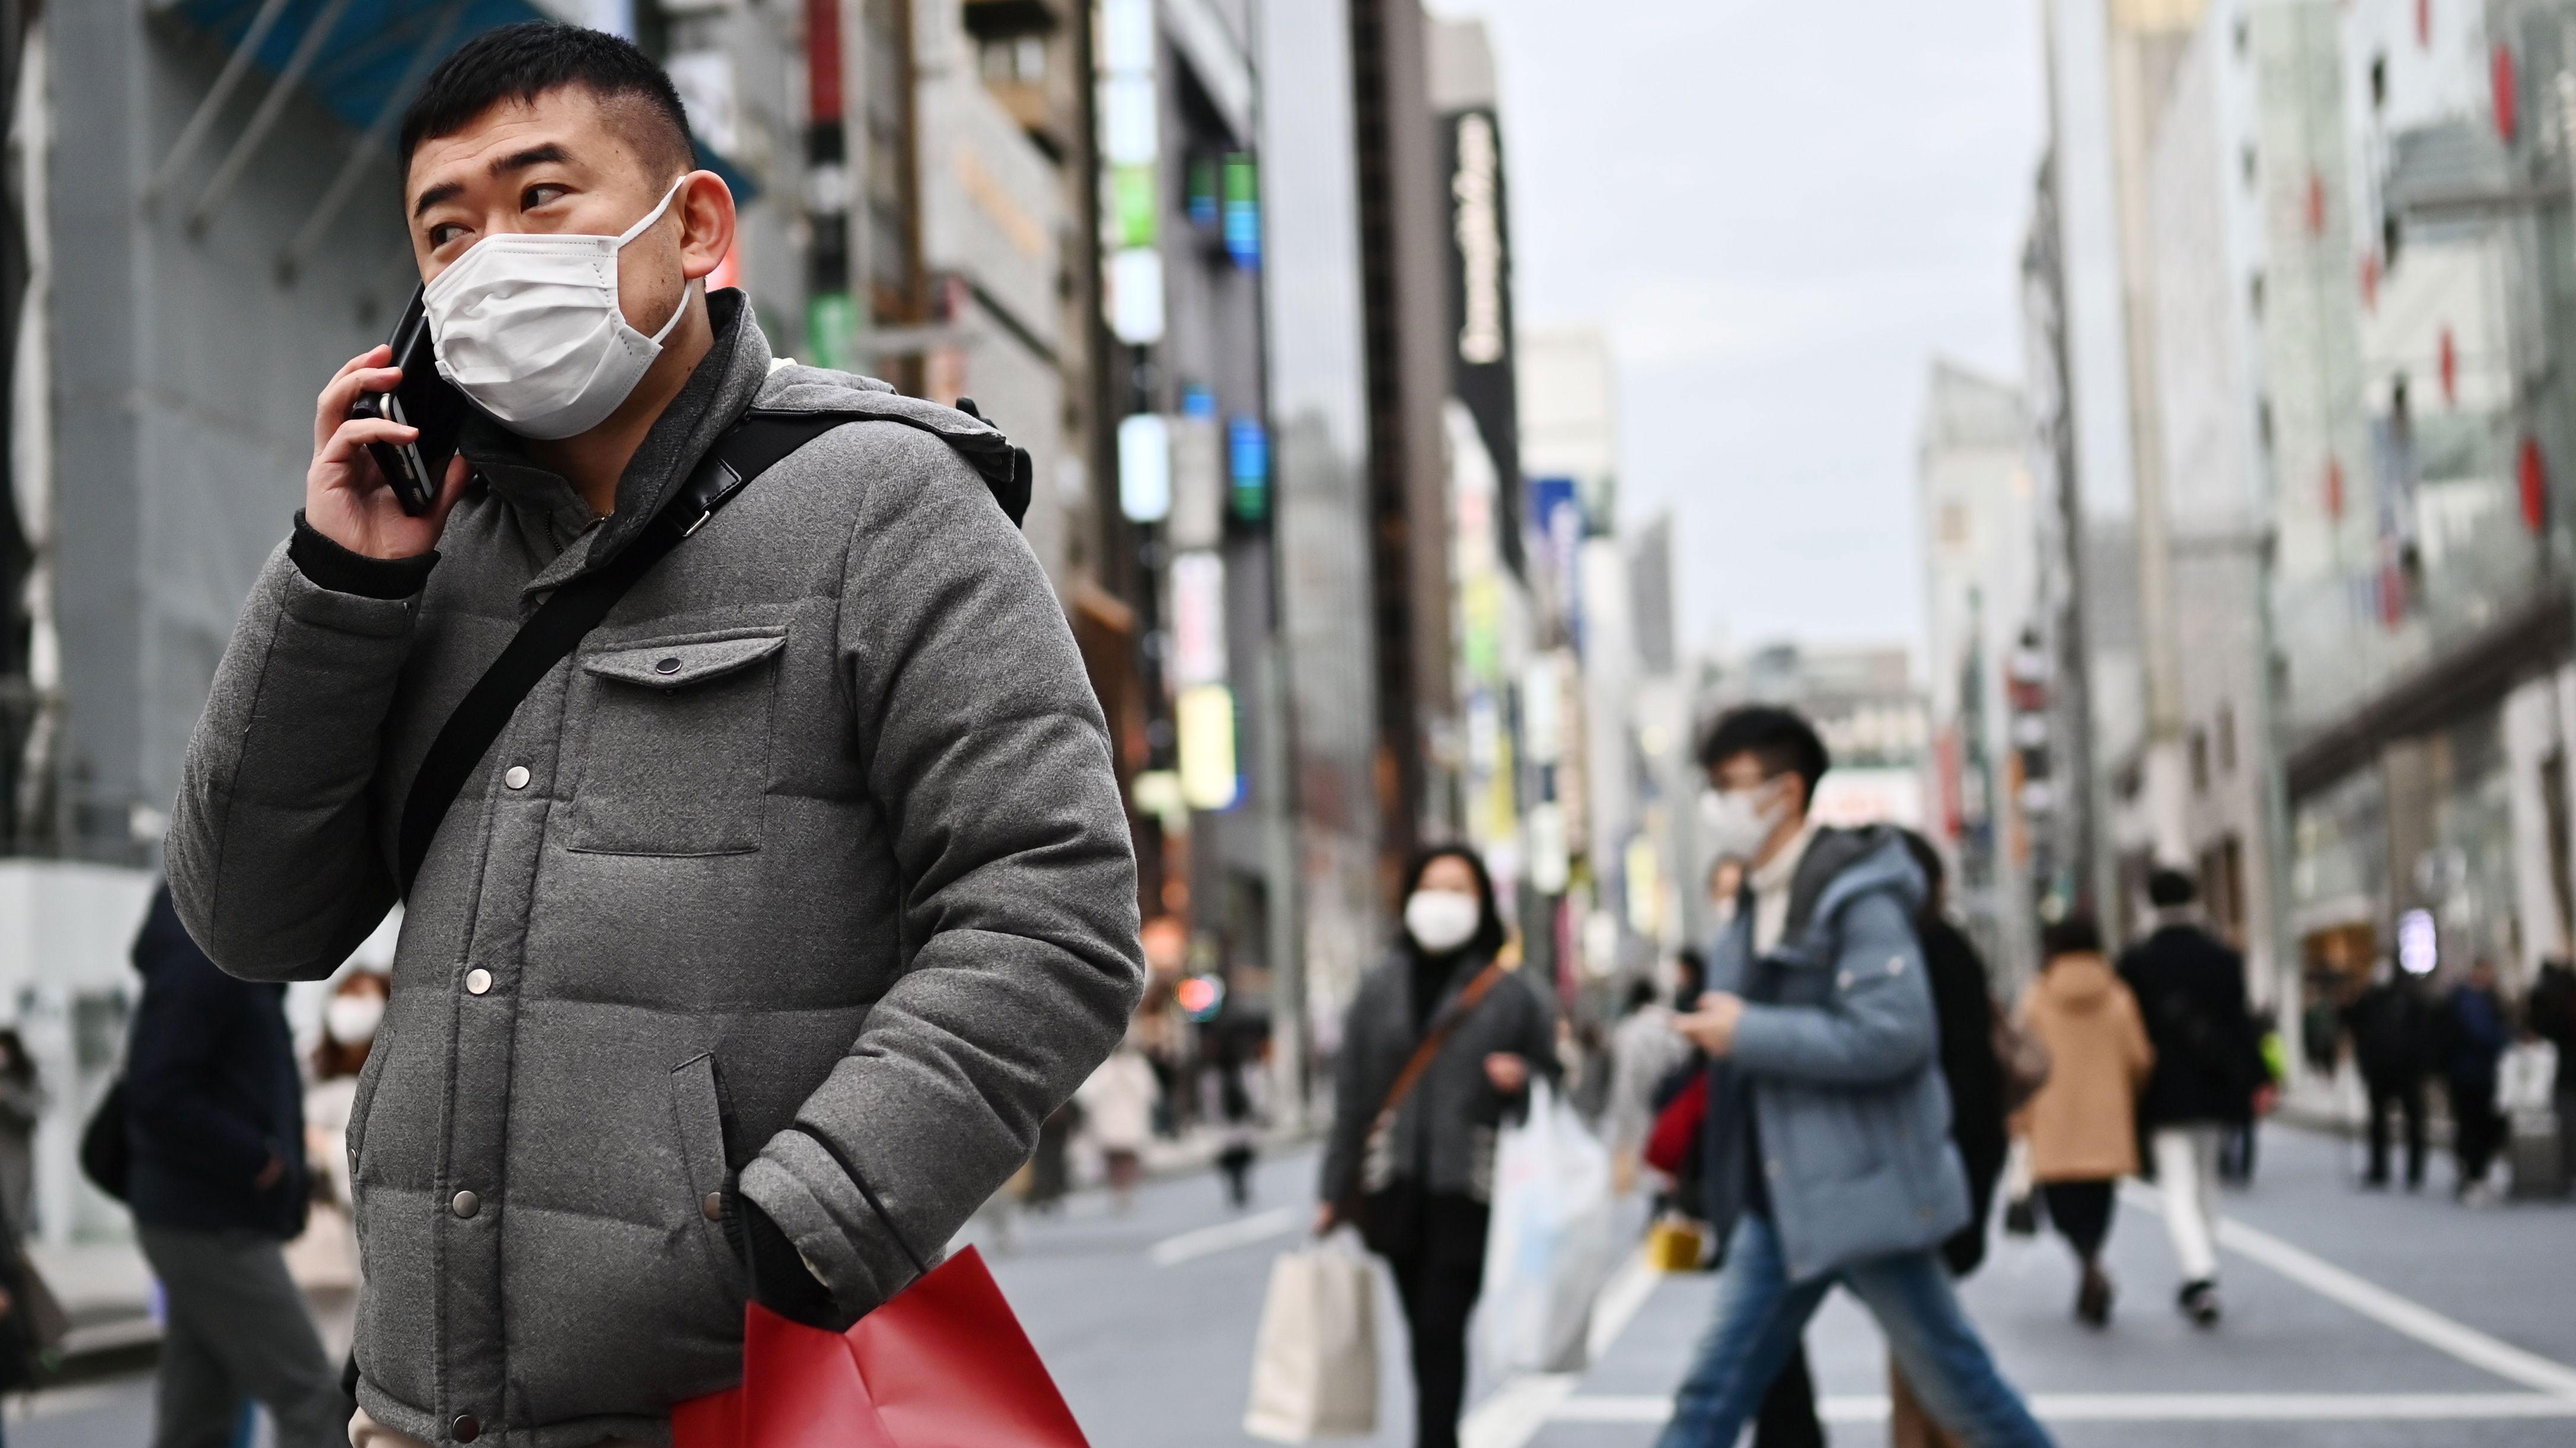 Coronavirus: Beijing suspende transporte público mientras que Wuhan prohíbe el tránsito de casi todo tipo de vehículos